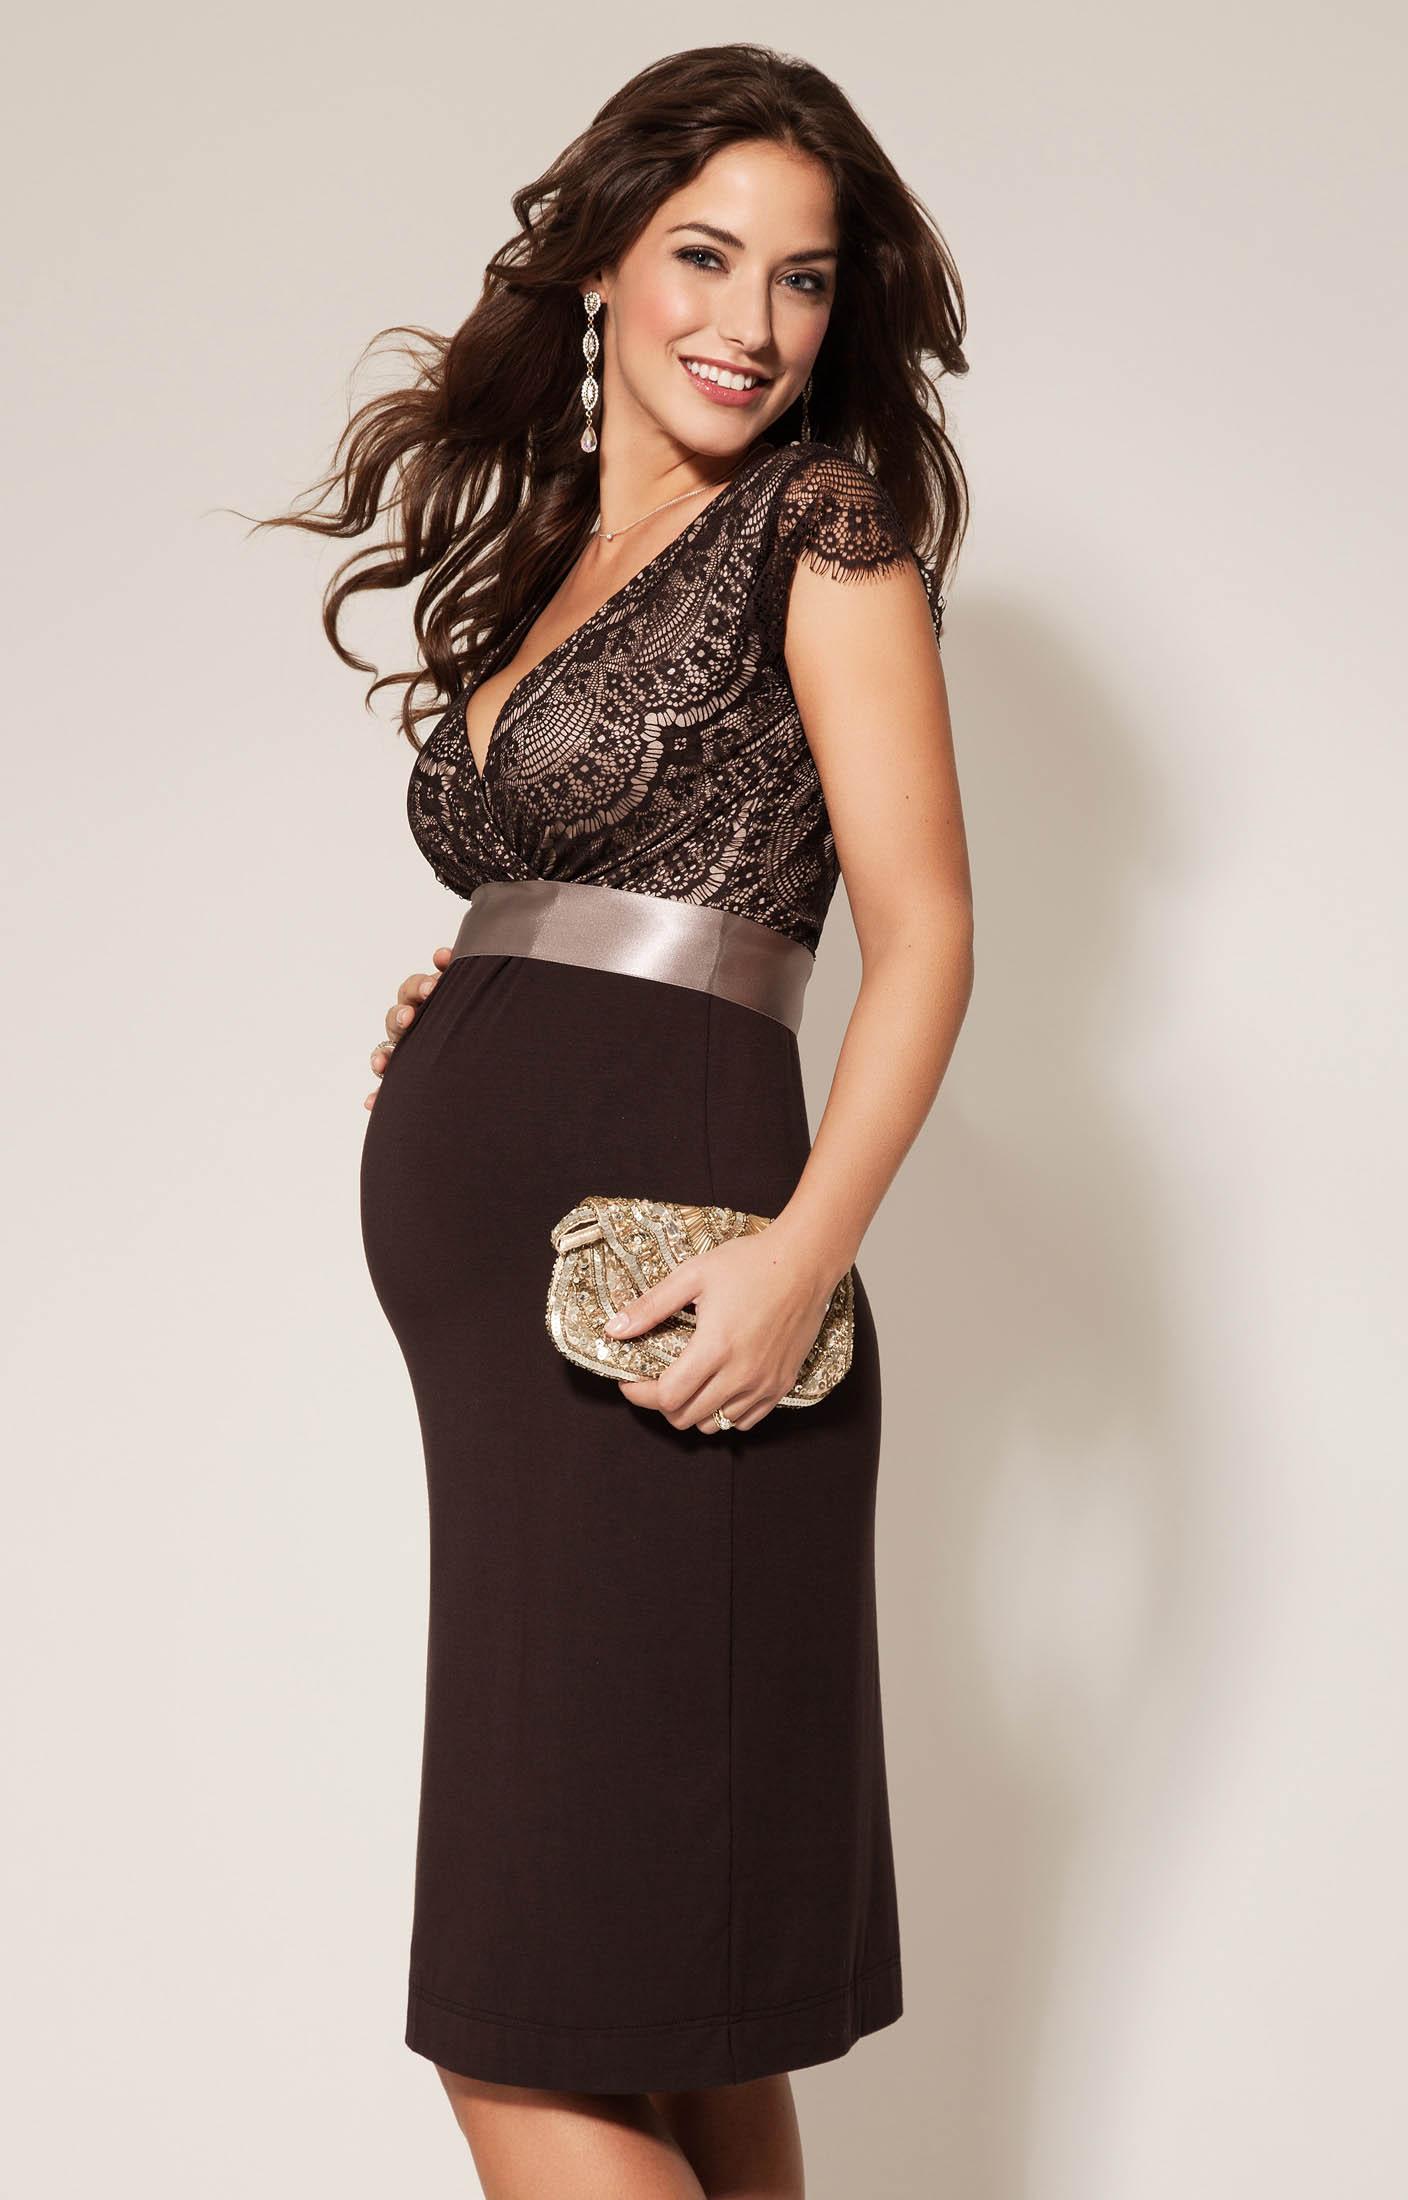 maternity wear rosa maternity dress mocha by tiffany rose FPEERDA